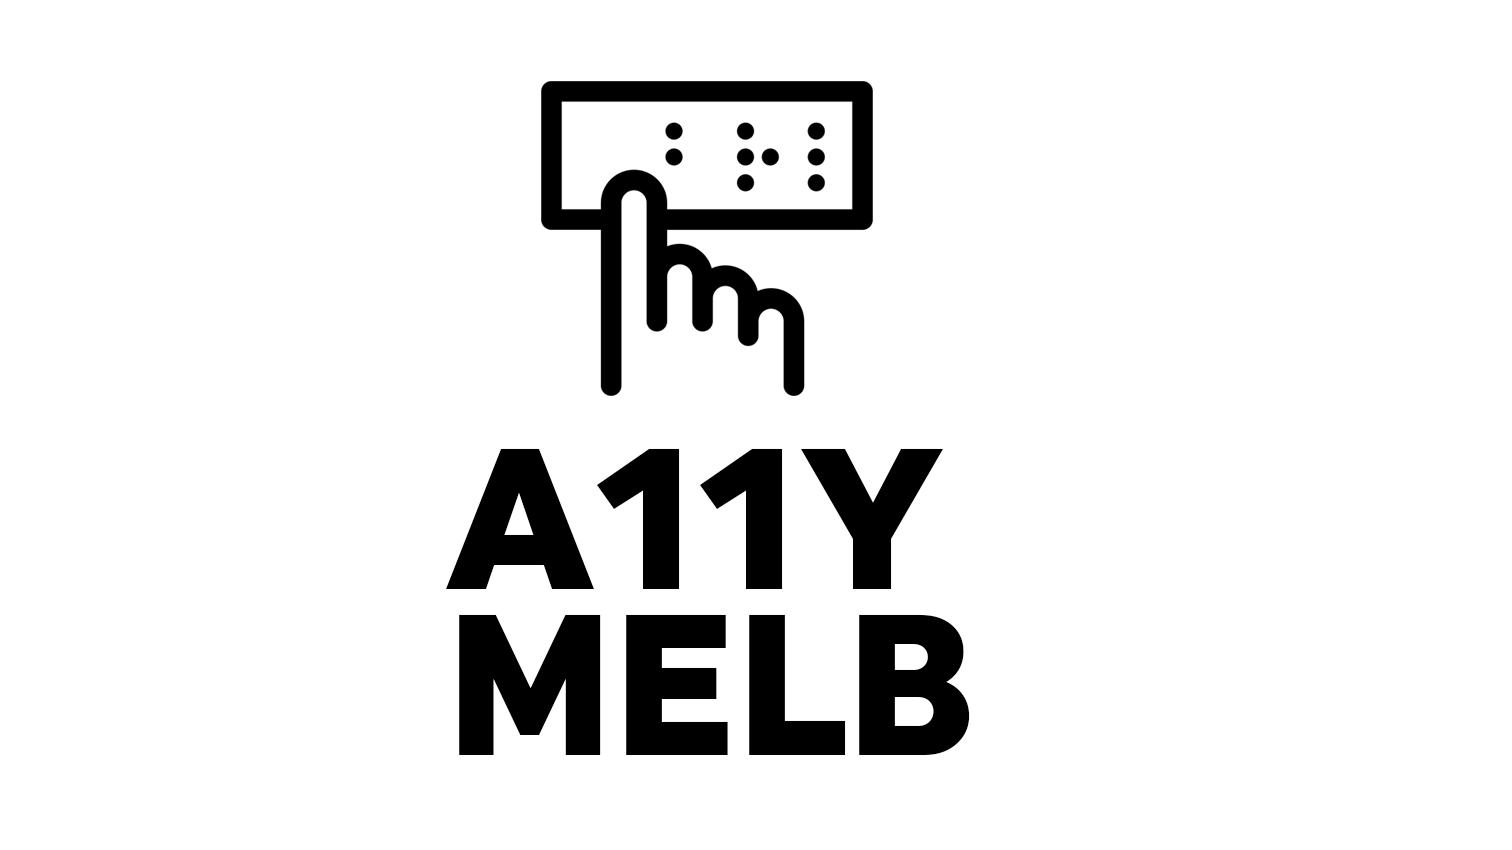 Melbourne Web Accessibility & Inclusive Design